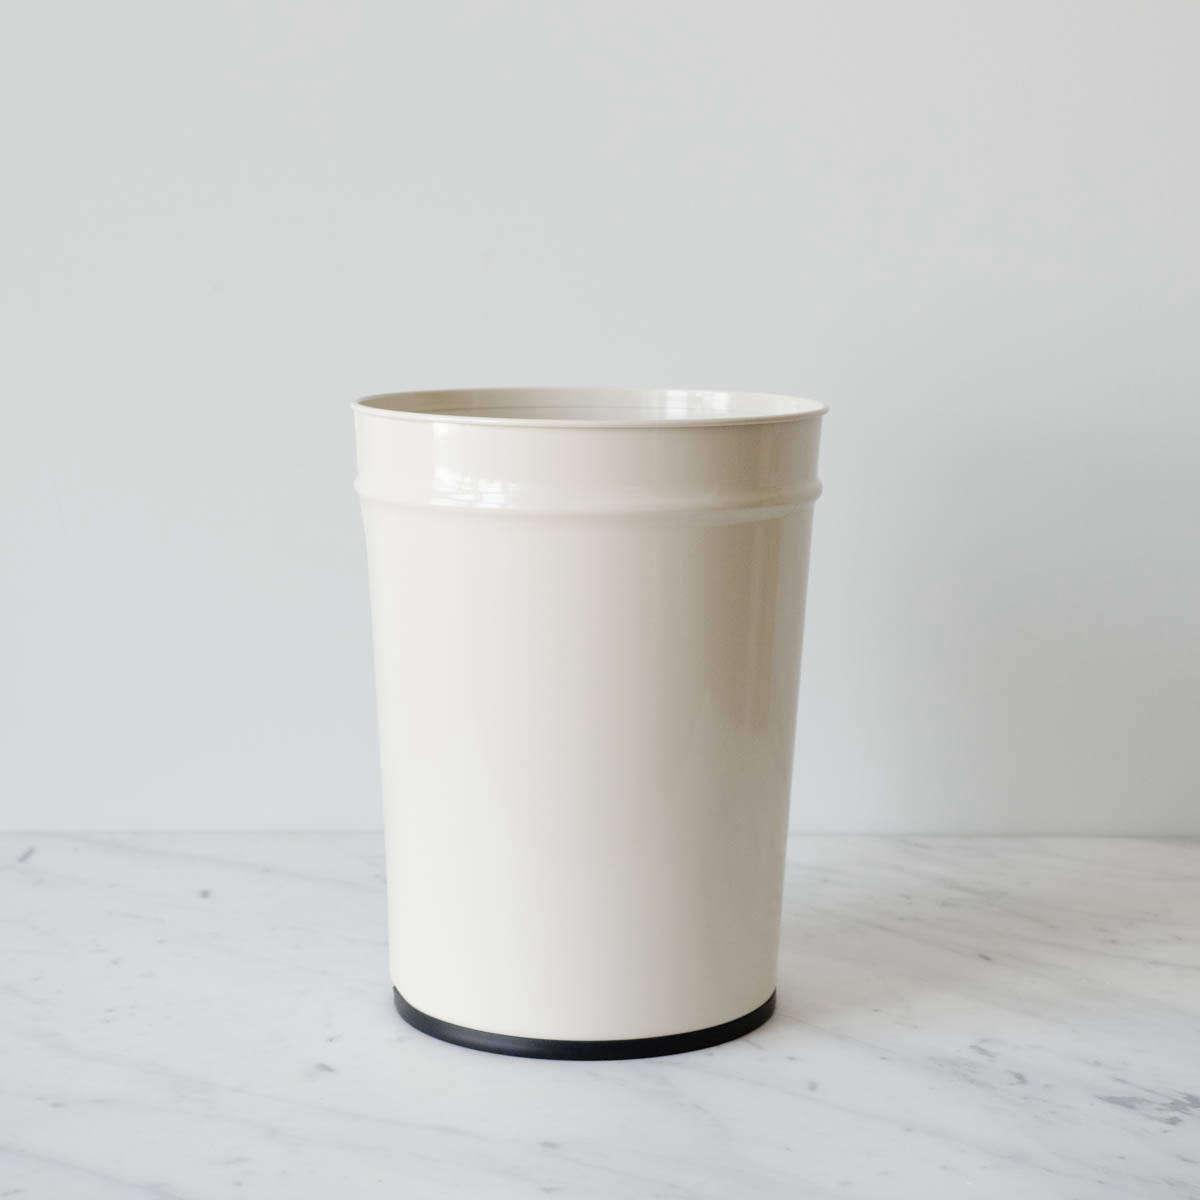 Bunbuku of Japan wastebasket from Mur Lifestyle.